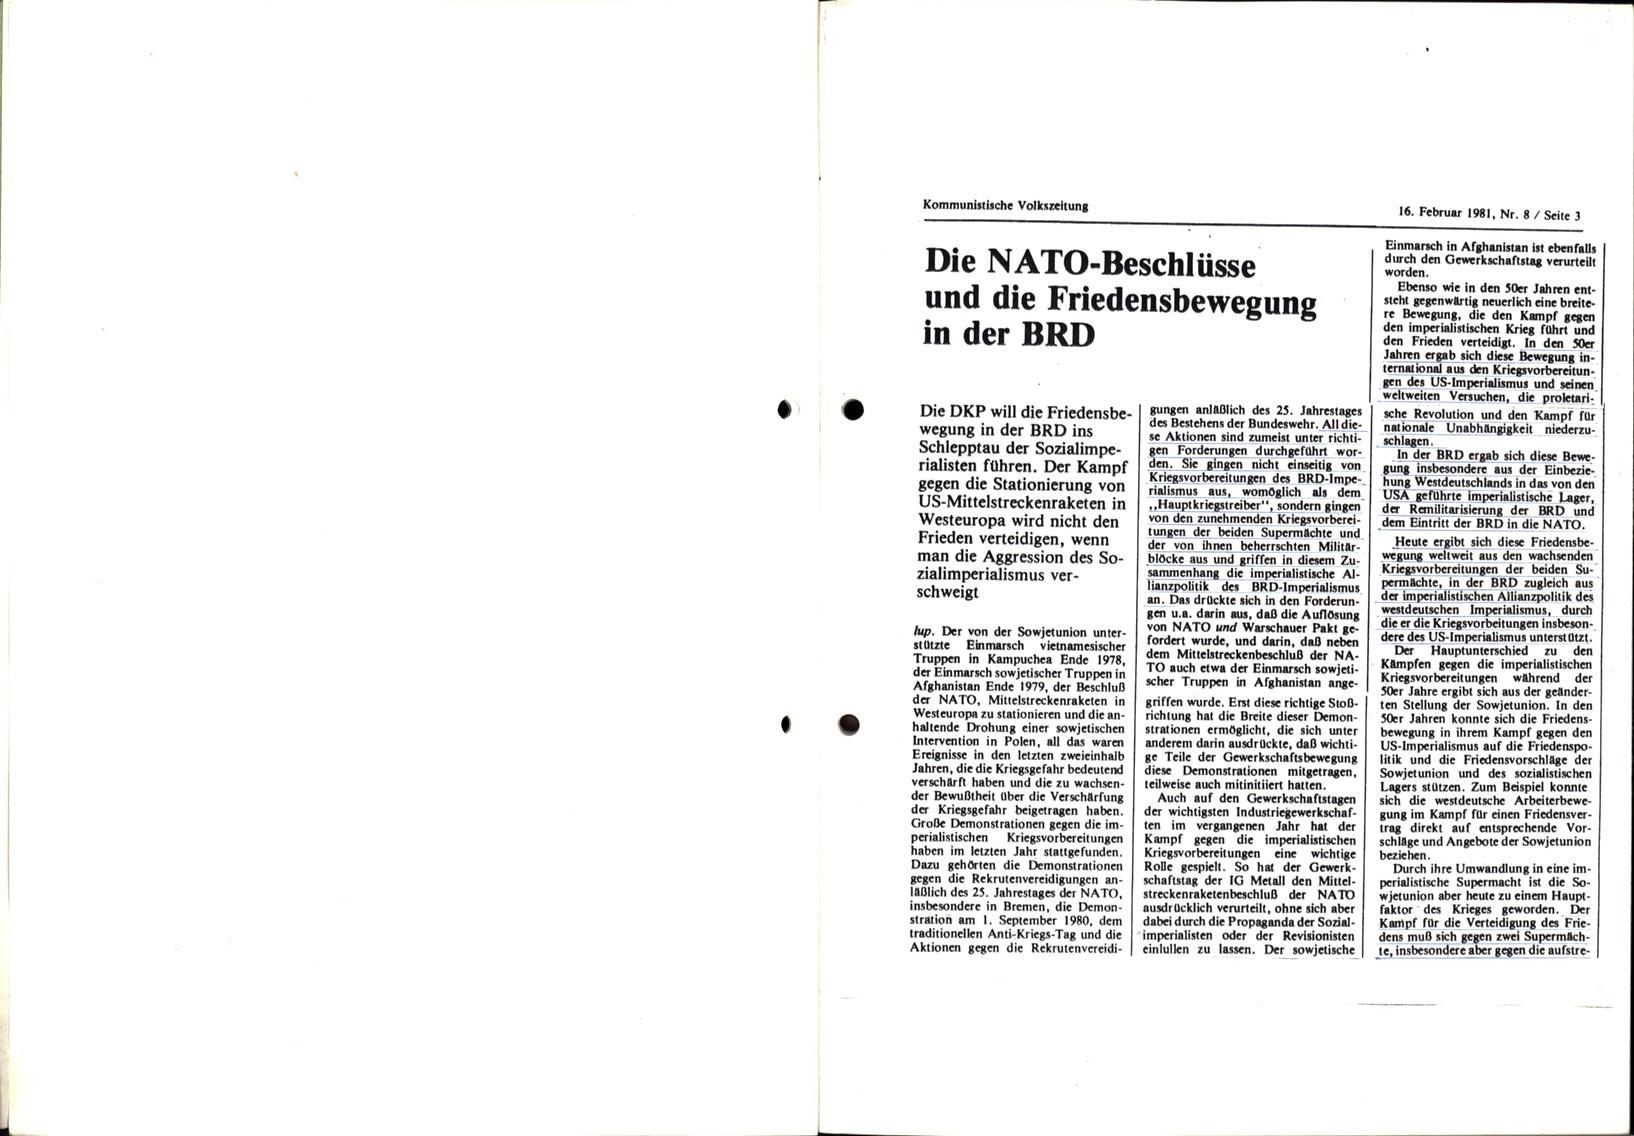 Ulm_KKU_19810327_004_003